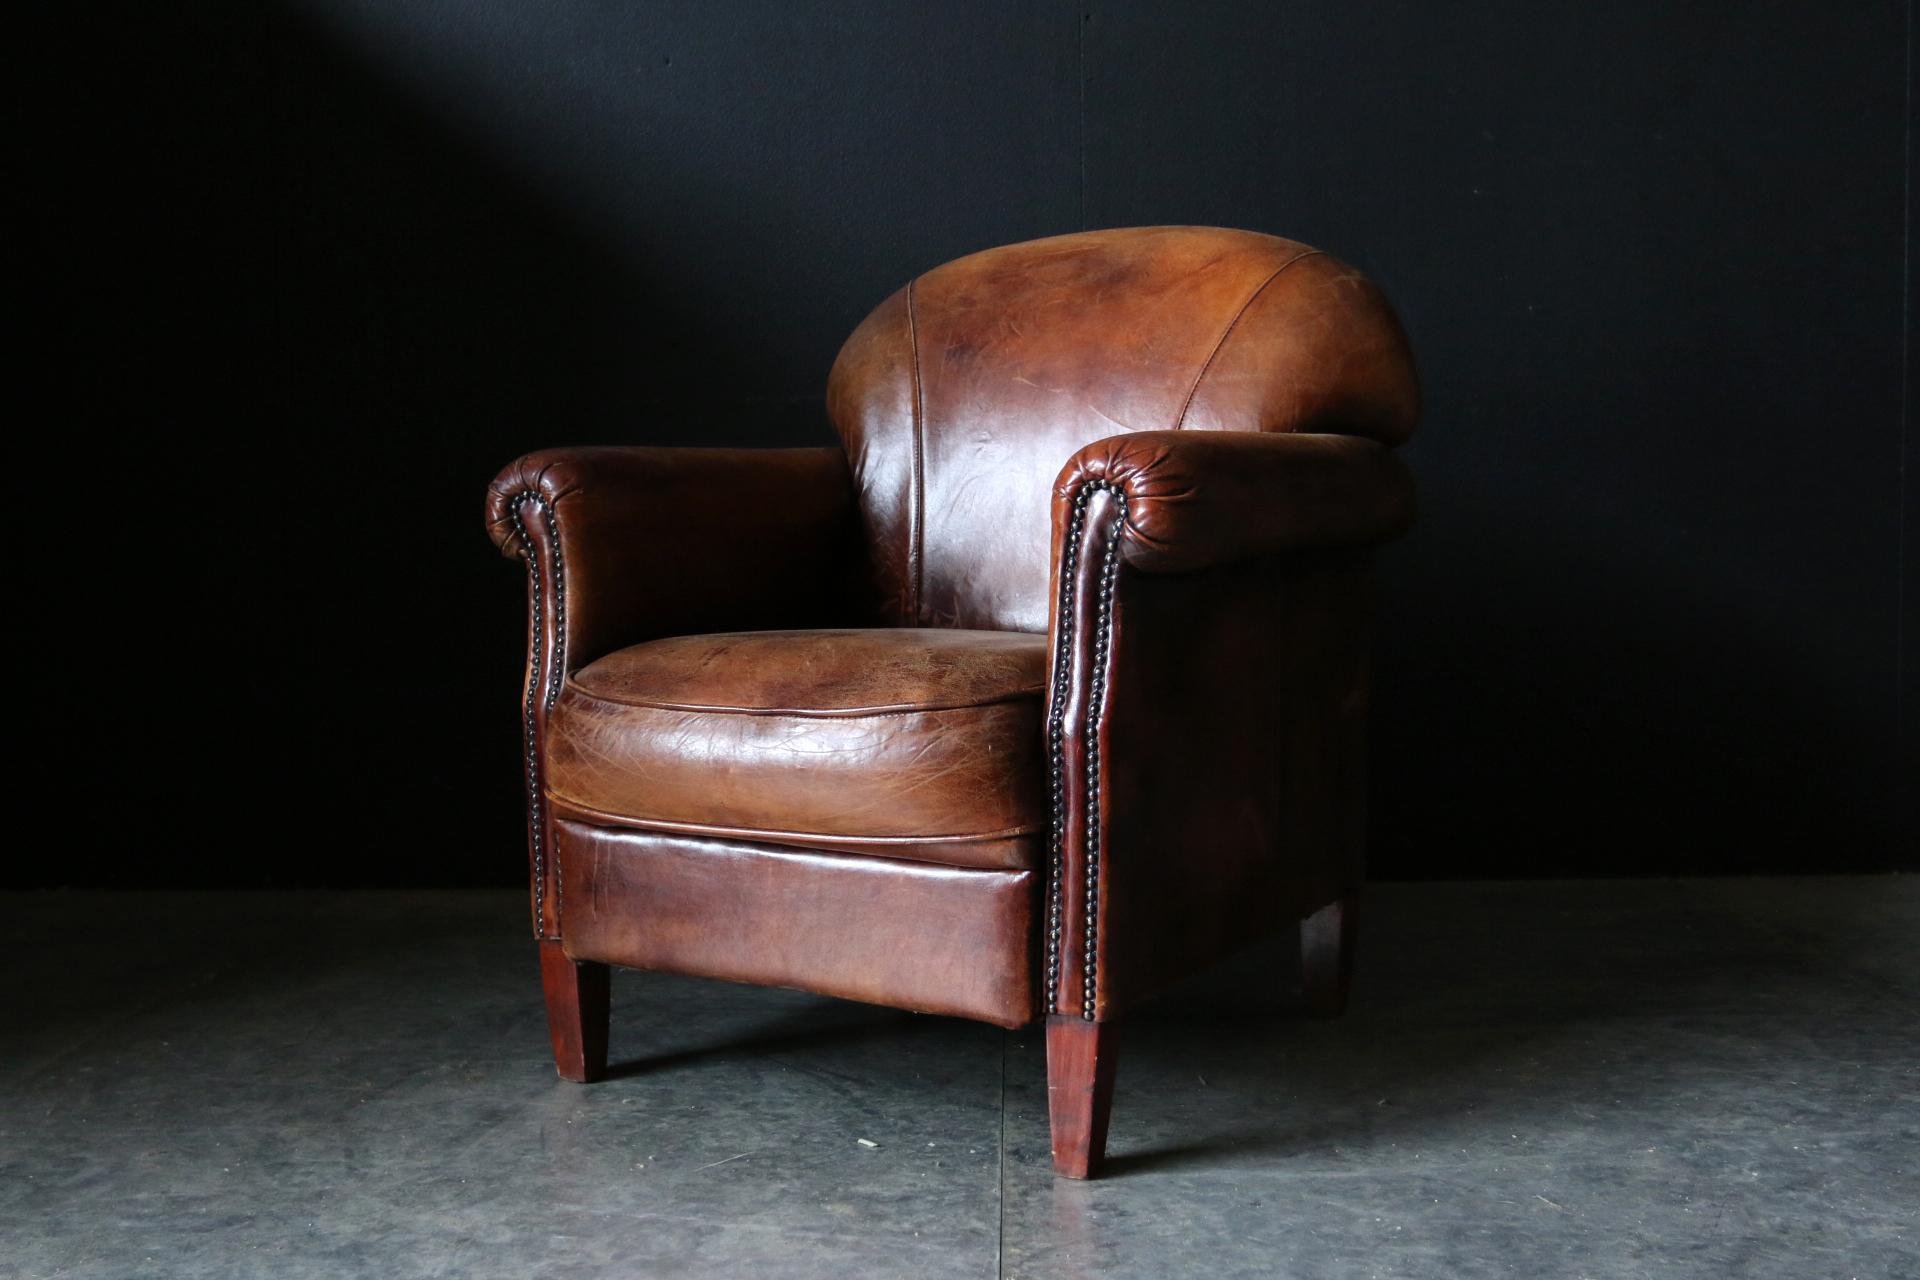 Uitgelezene Fantastische Vintage Design Schapenleren clubfauteuil – Dehuiszwaluw OM-39